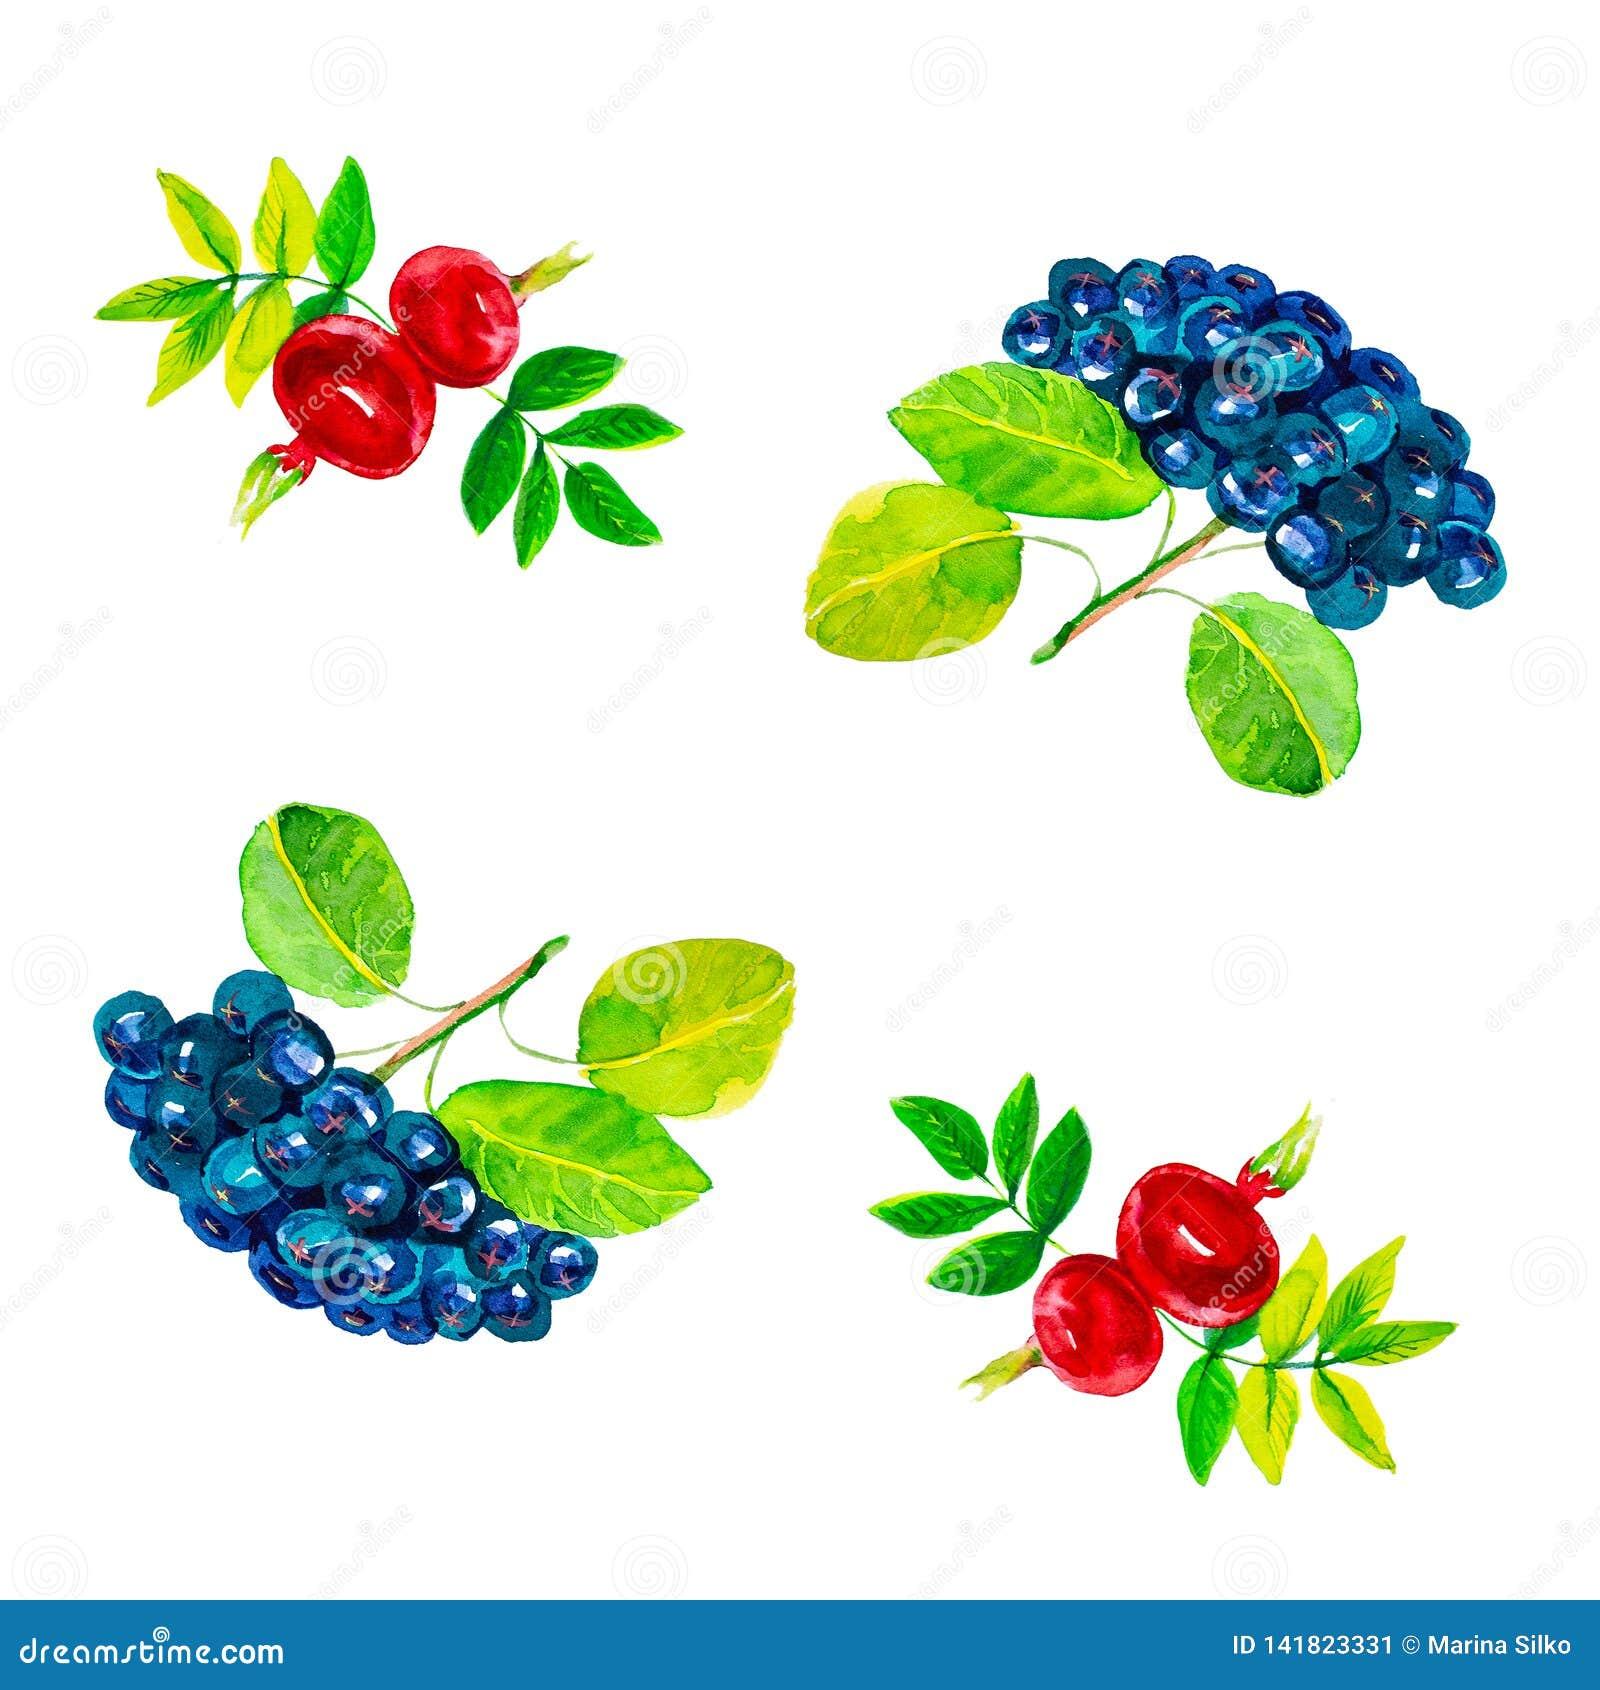 Αφηρημένη απεικόνιση watercolor rosehip των λουλουδιών και των μούρων με τα φύλλα και μαύρο chokeberry η ανασκόπηση απομόνωσε το